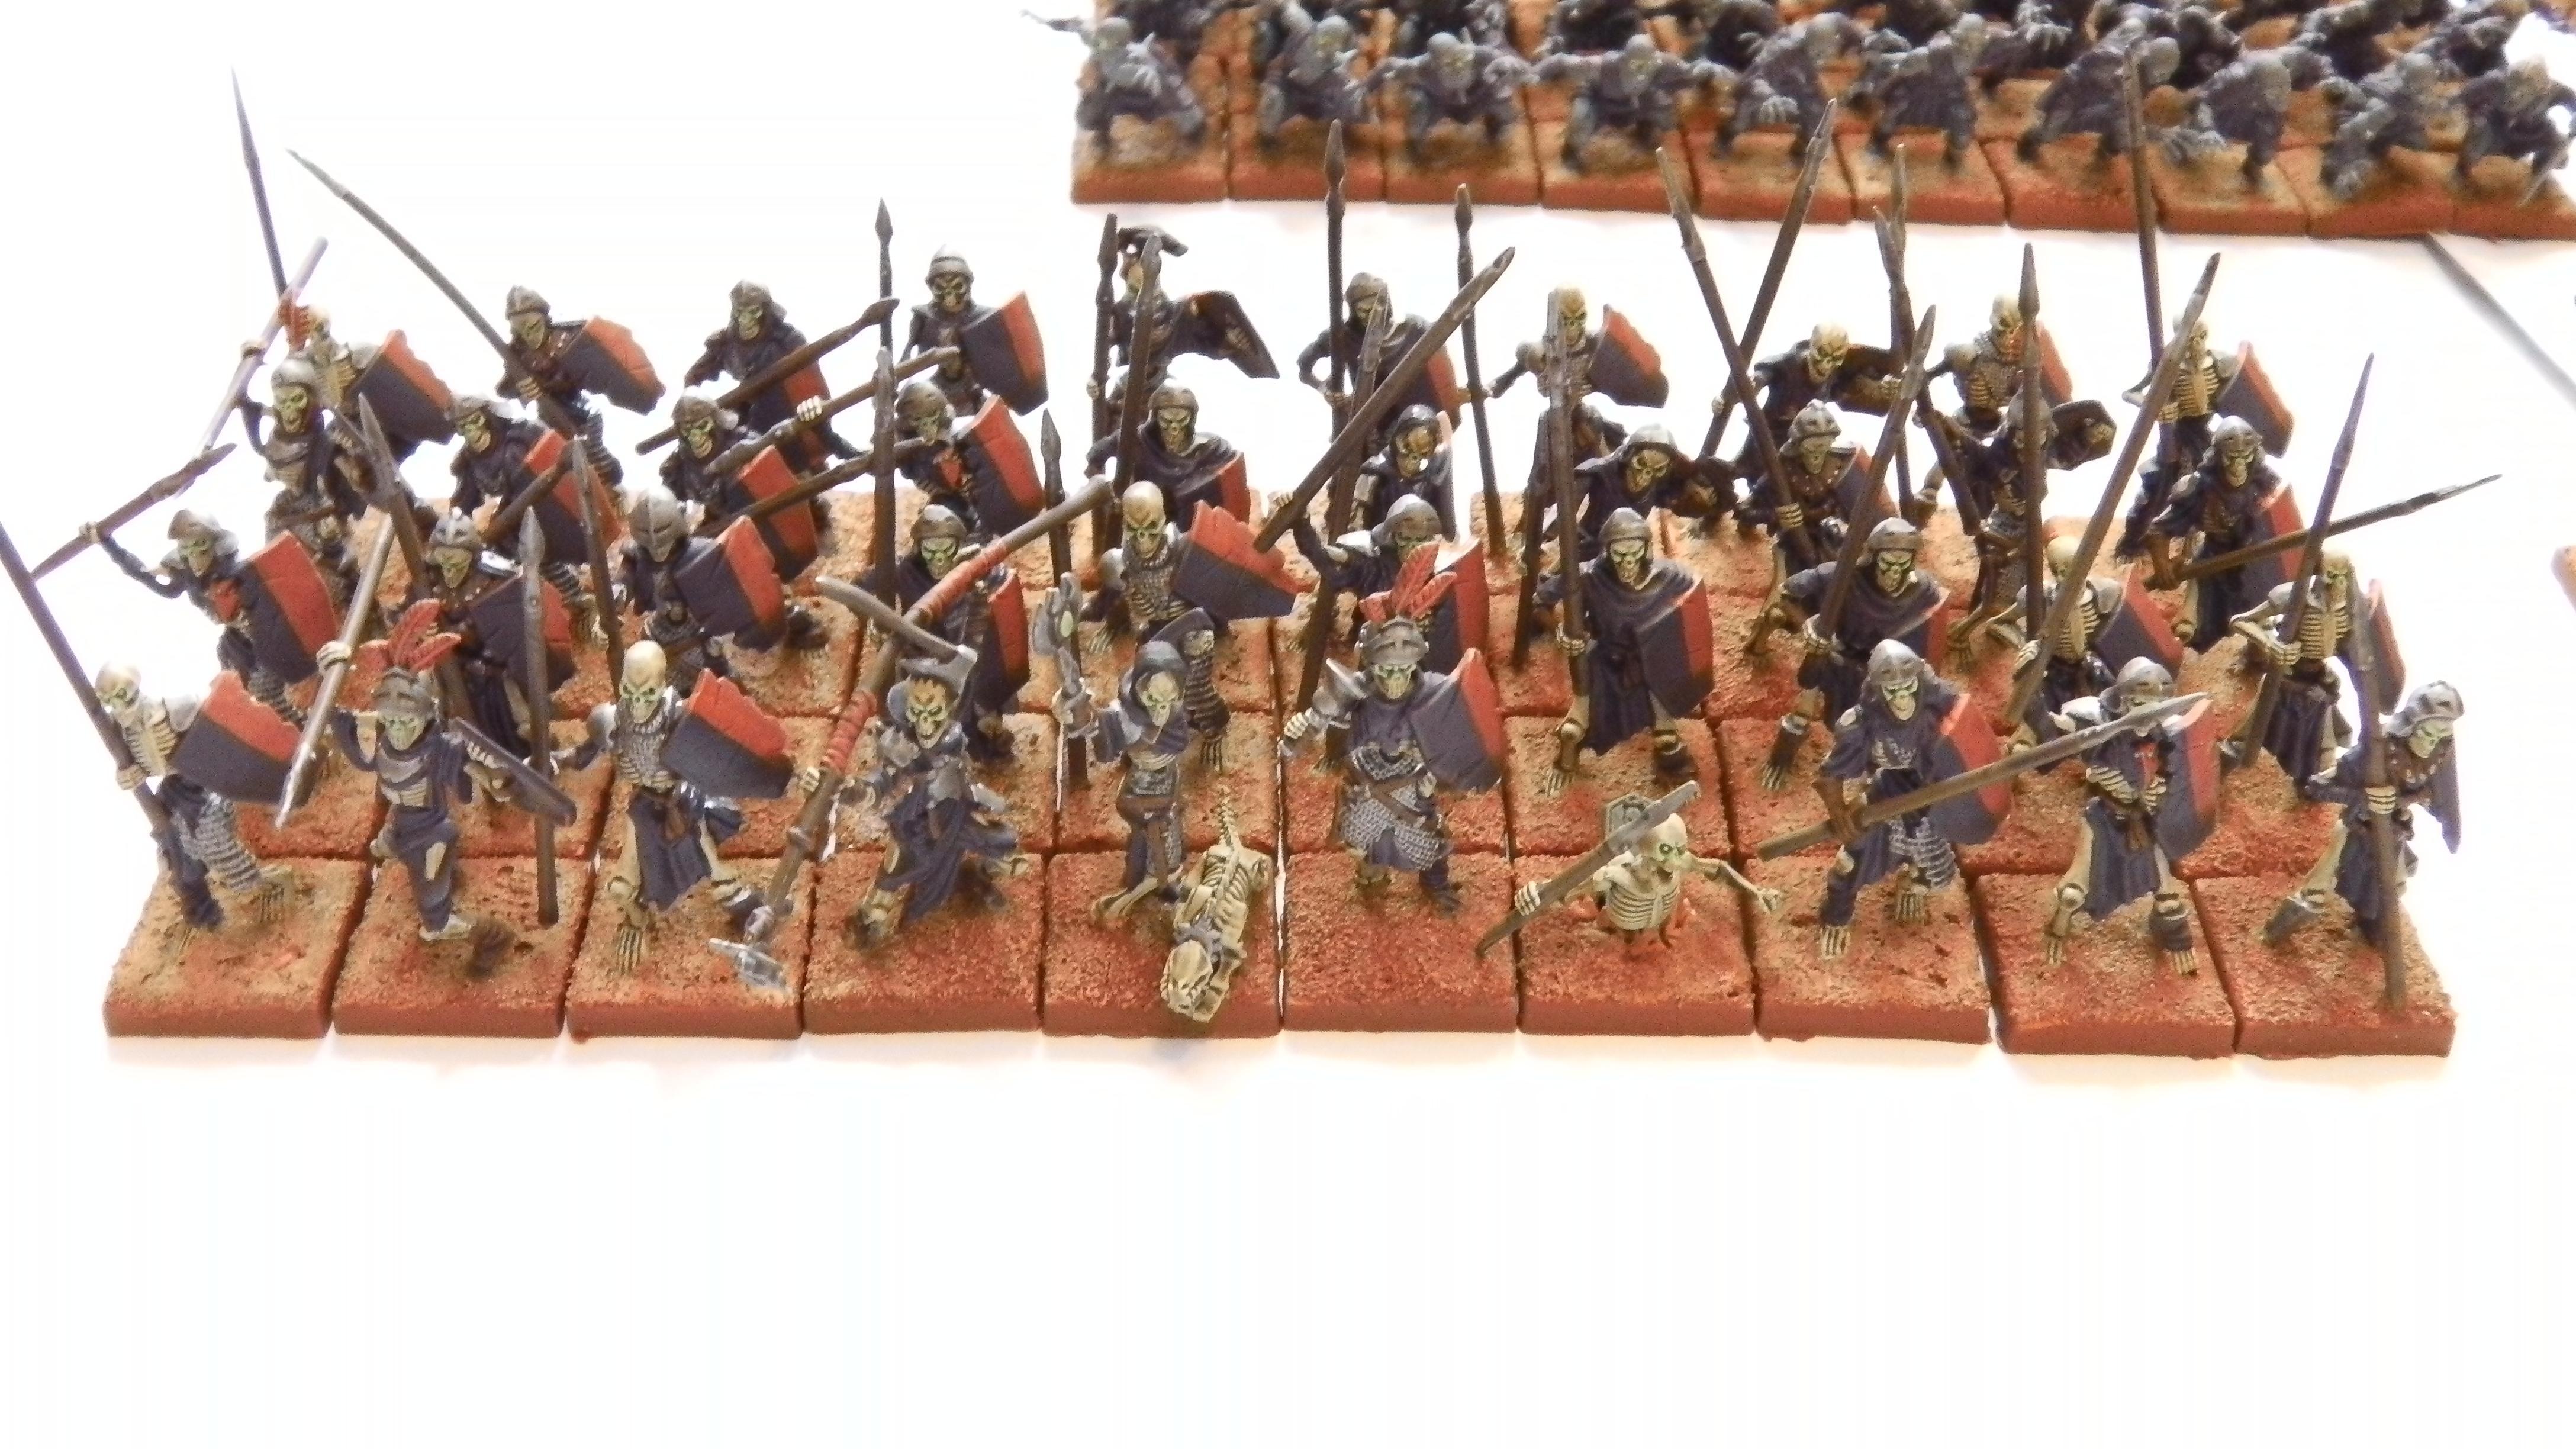 Horde, Kings Of War, Mantic Games, Skeletons, Spears, Undead